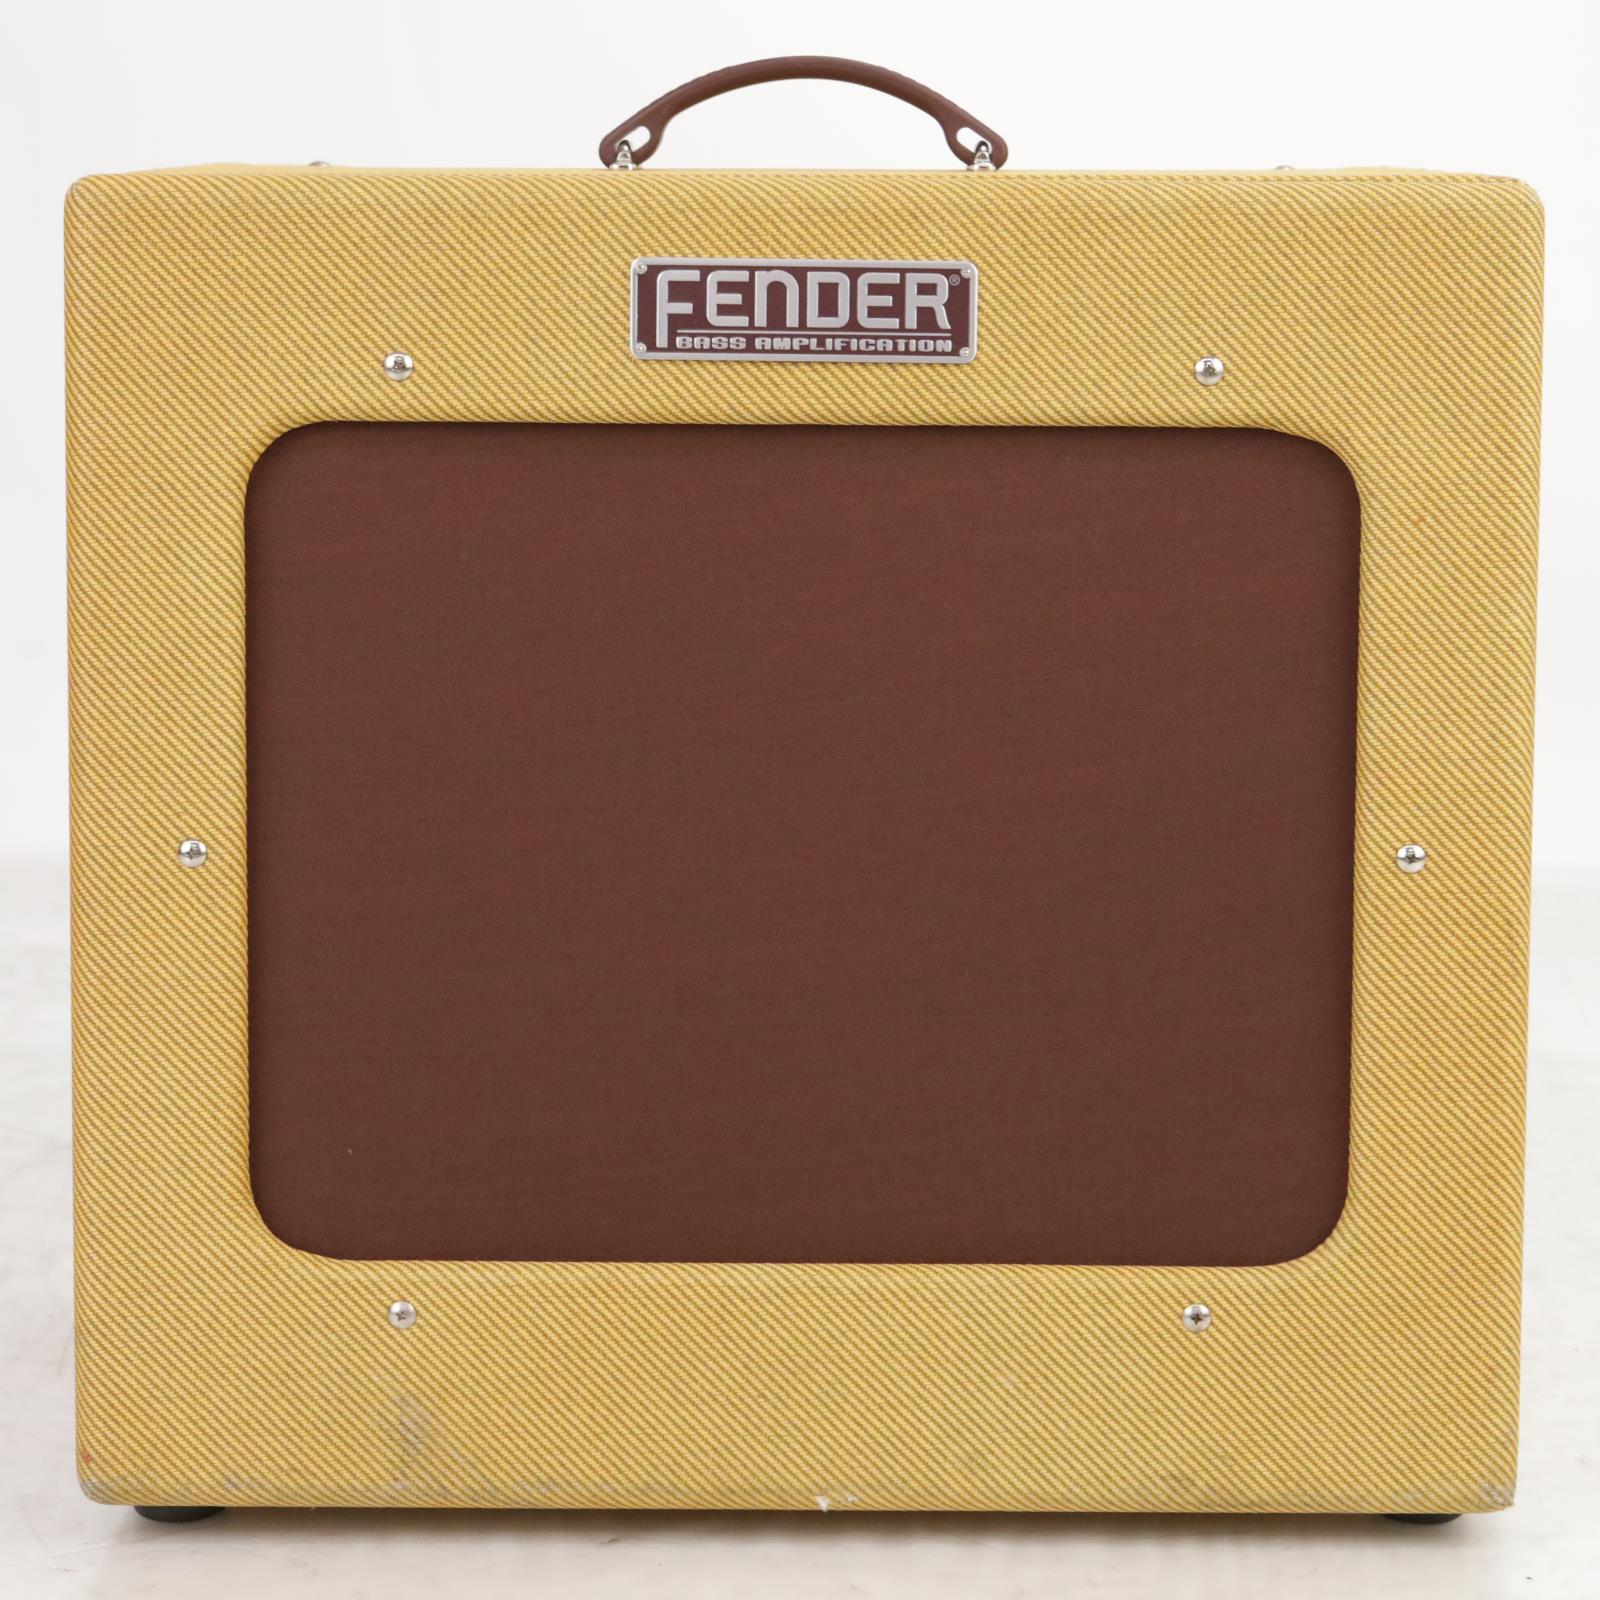 Fender Bassman TV Twelve 1x12 150W Bass Guitar Combo Amplifier #38073